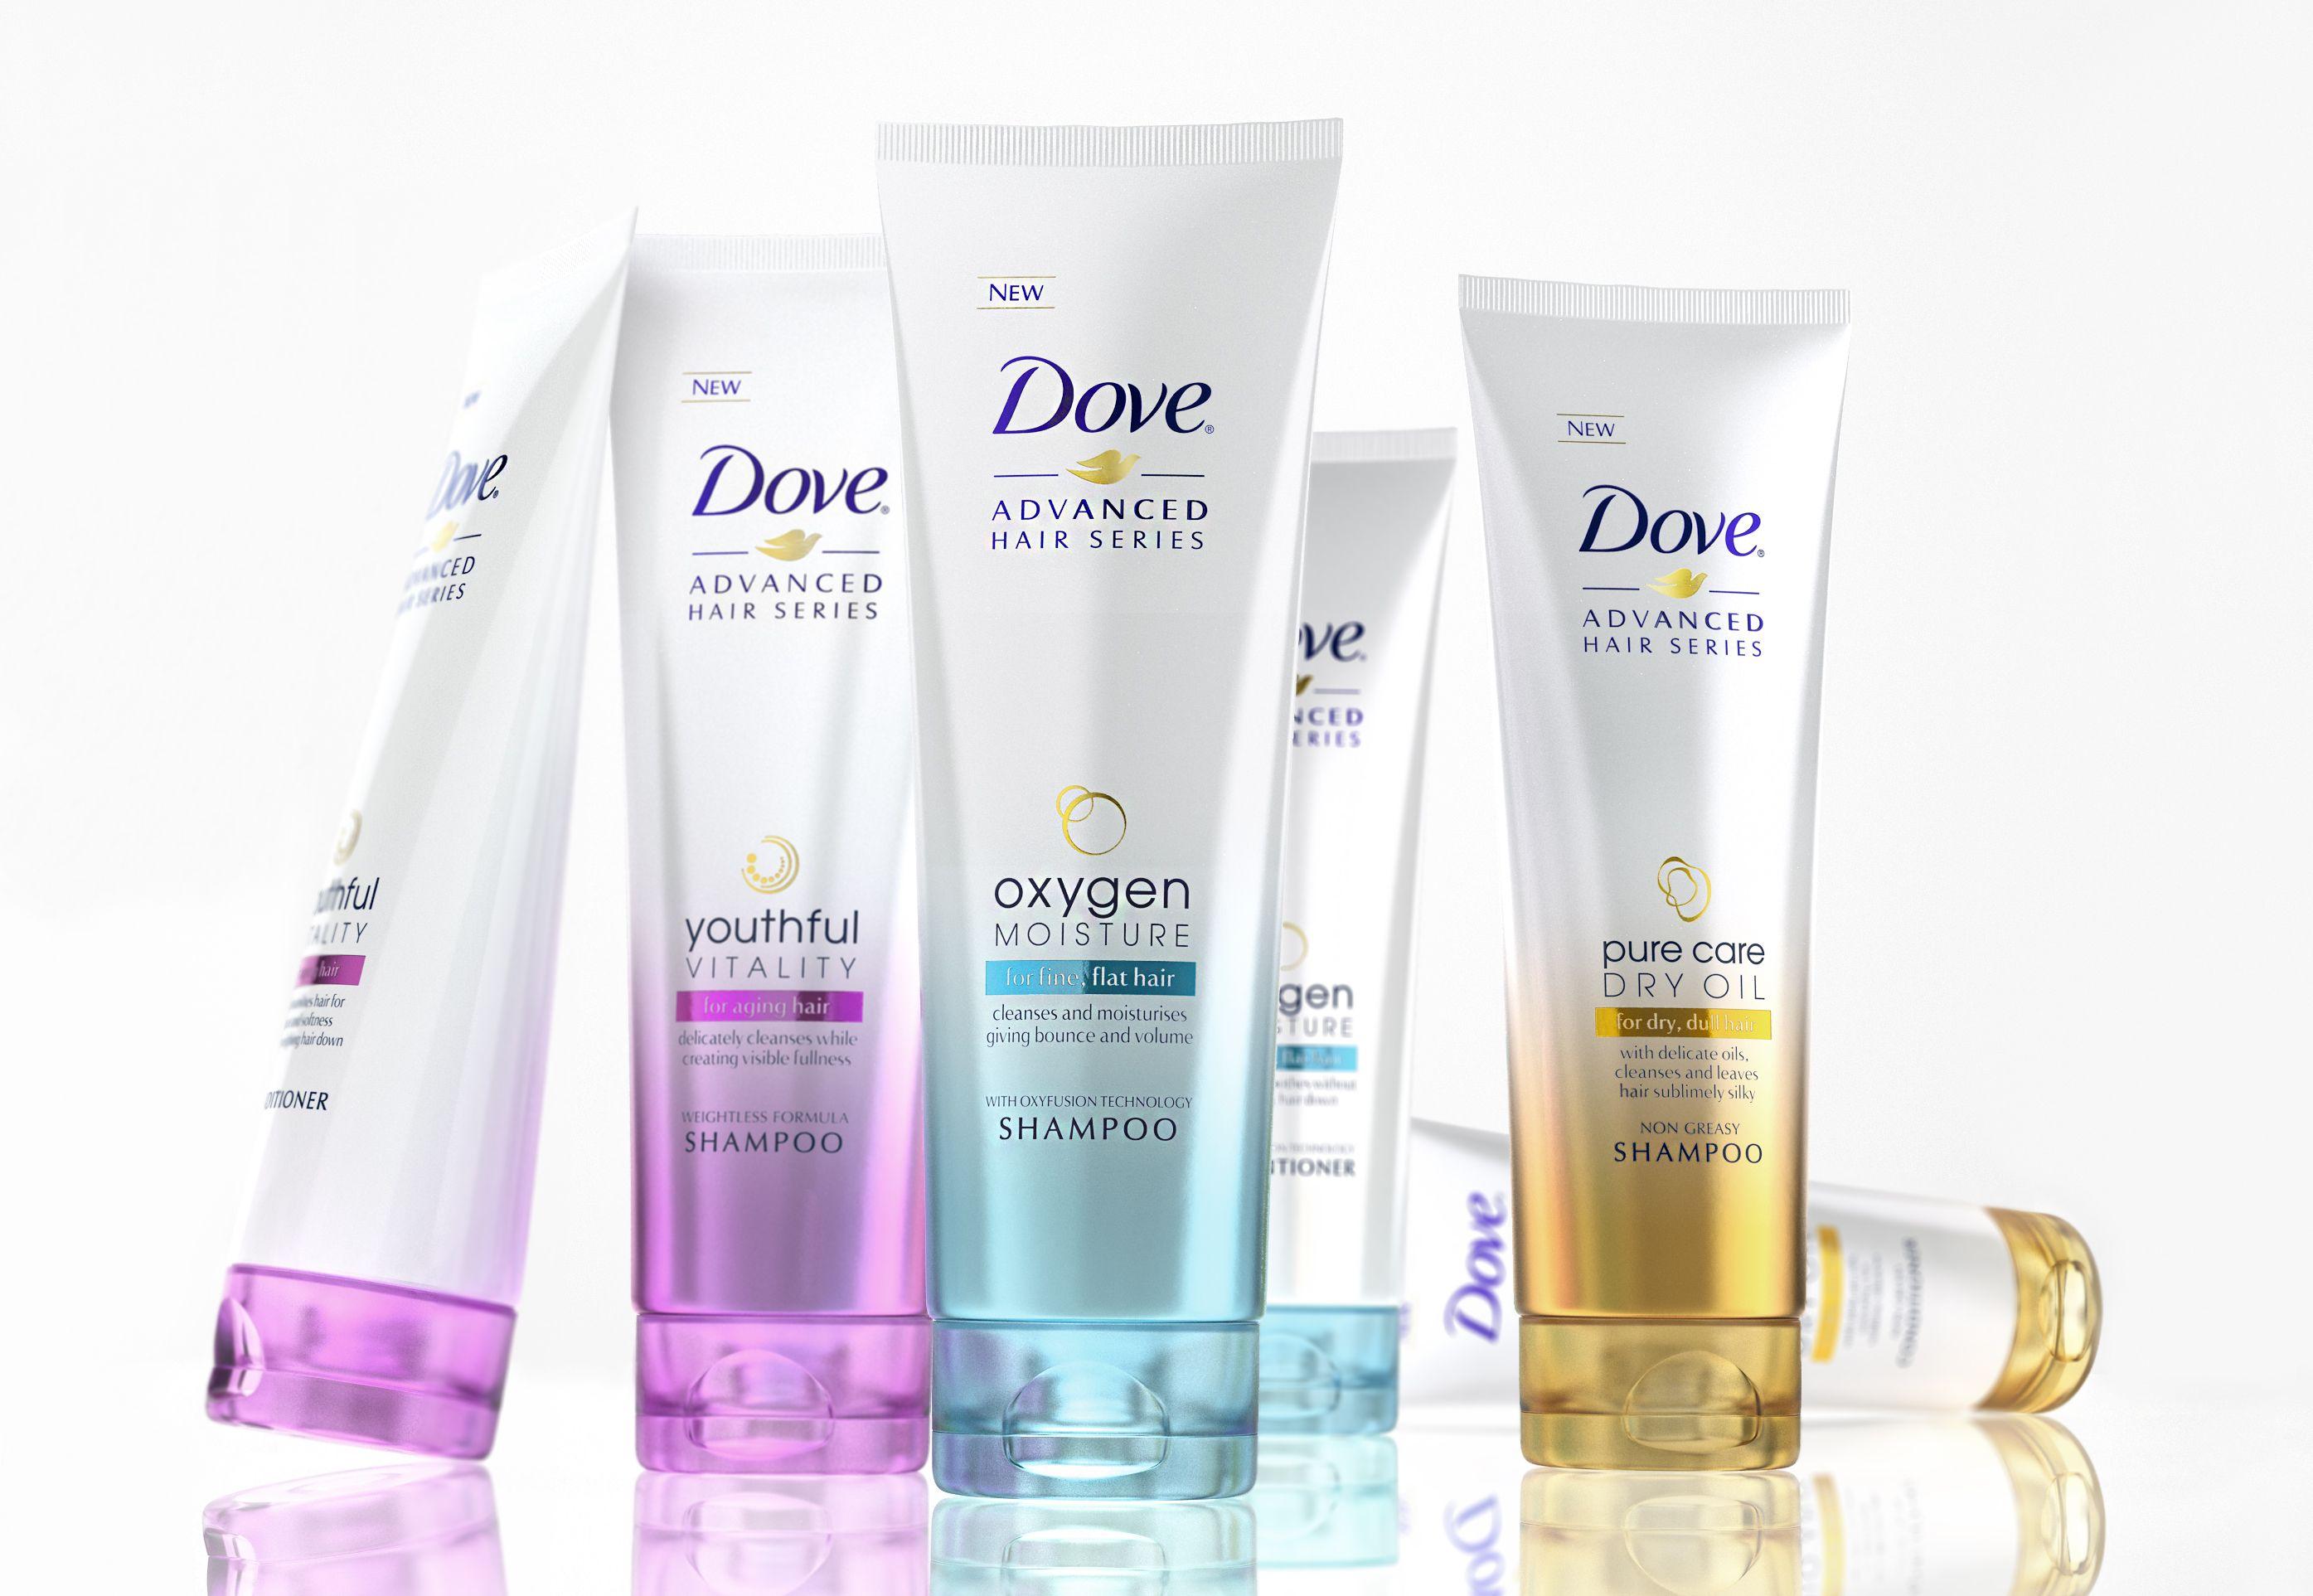 dove advanced hair series Google Search Shampoo